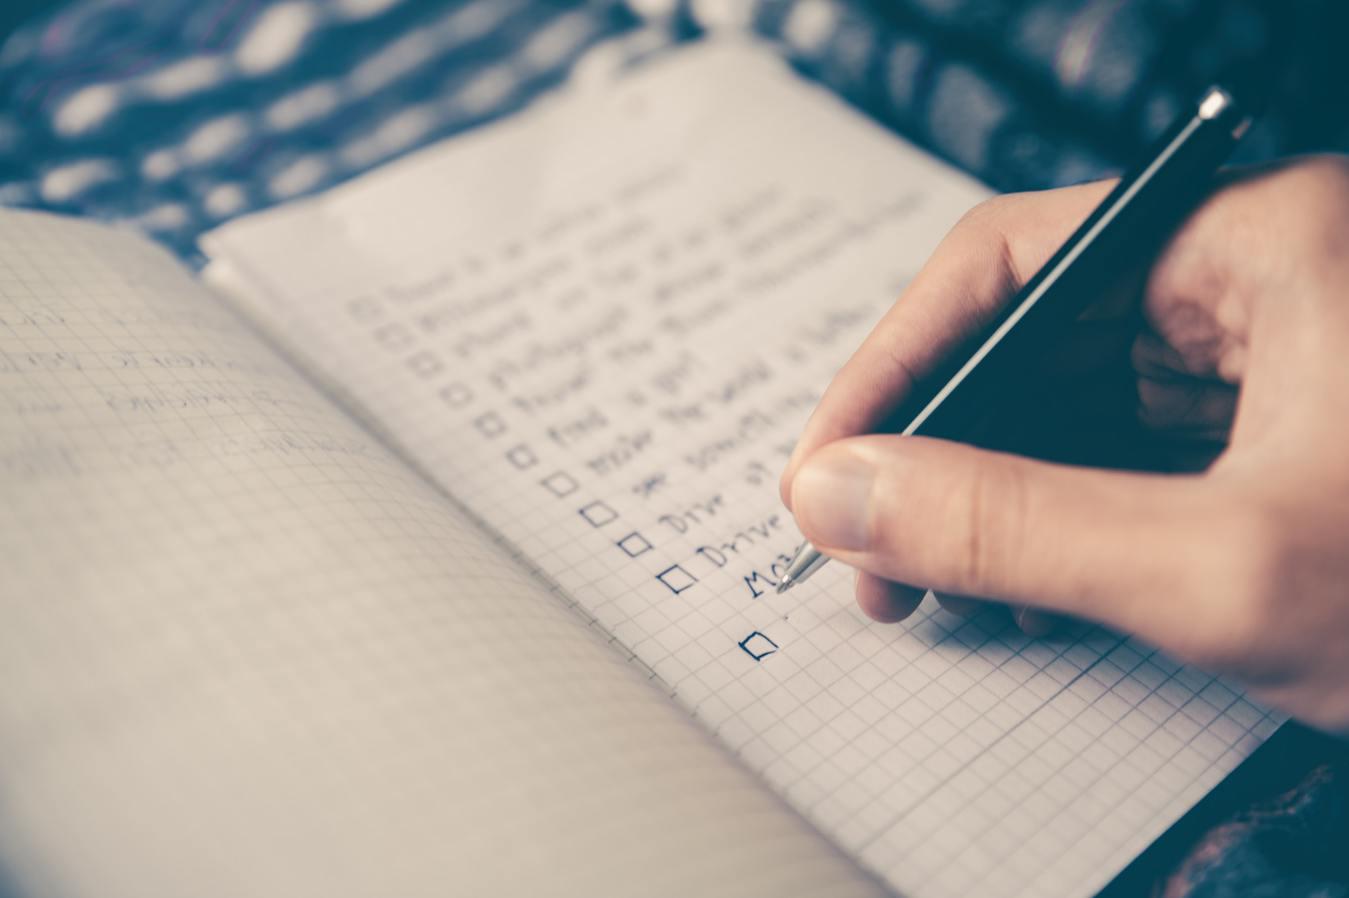 Een persoon die een checklist in een notitieboek schrijft